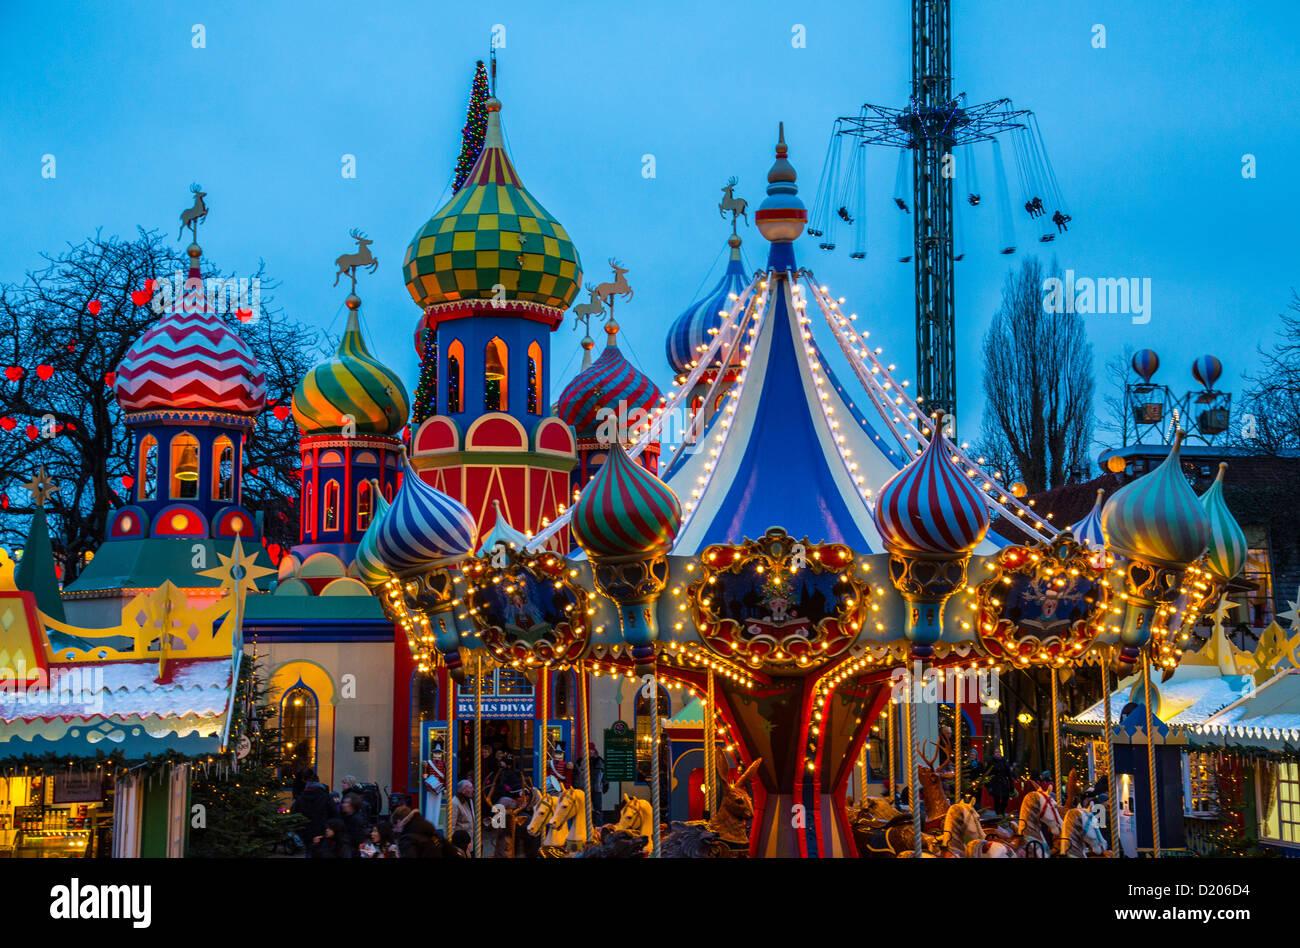 Tivoli amusement park fun park city center christmas for Amusement park decoration ideas